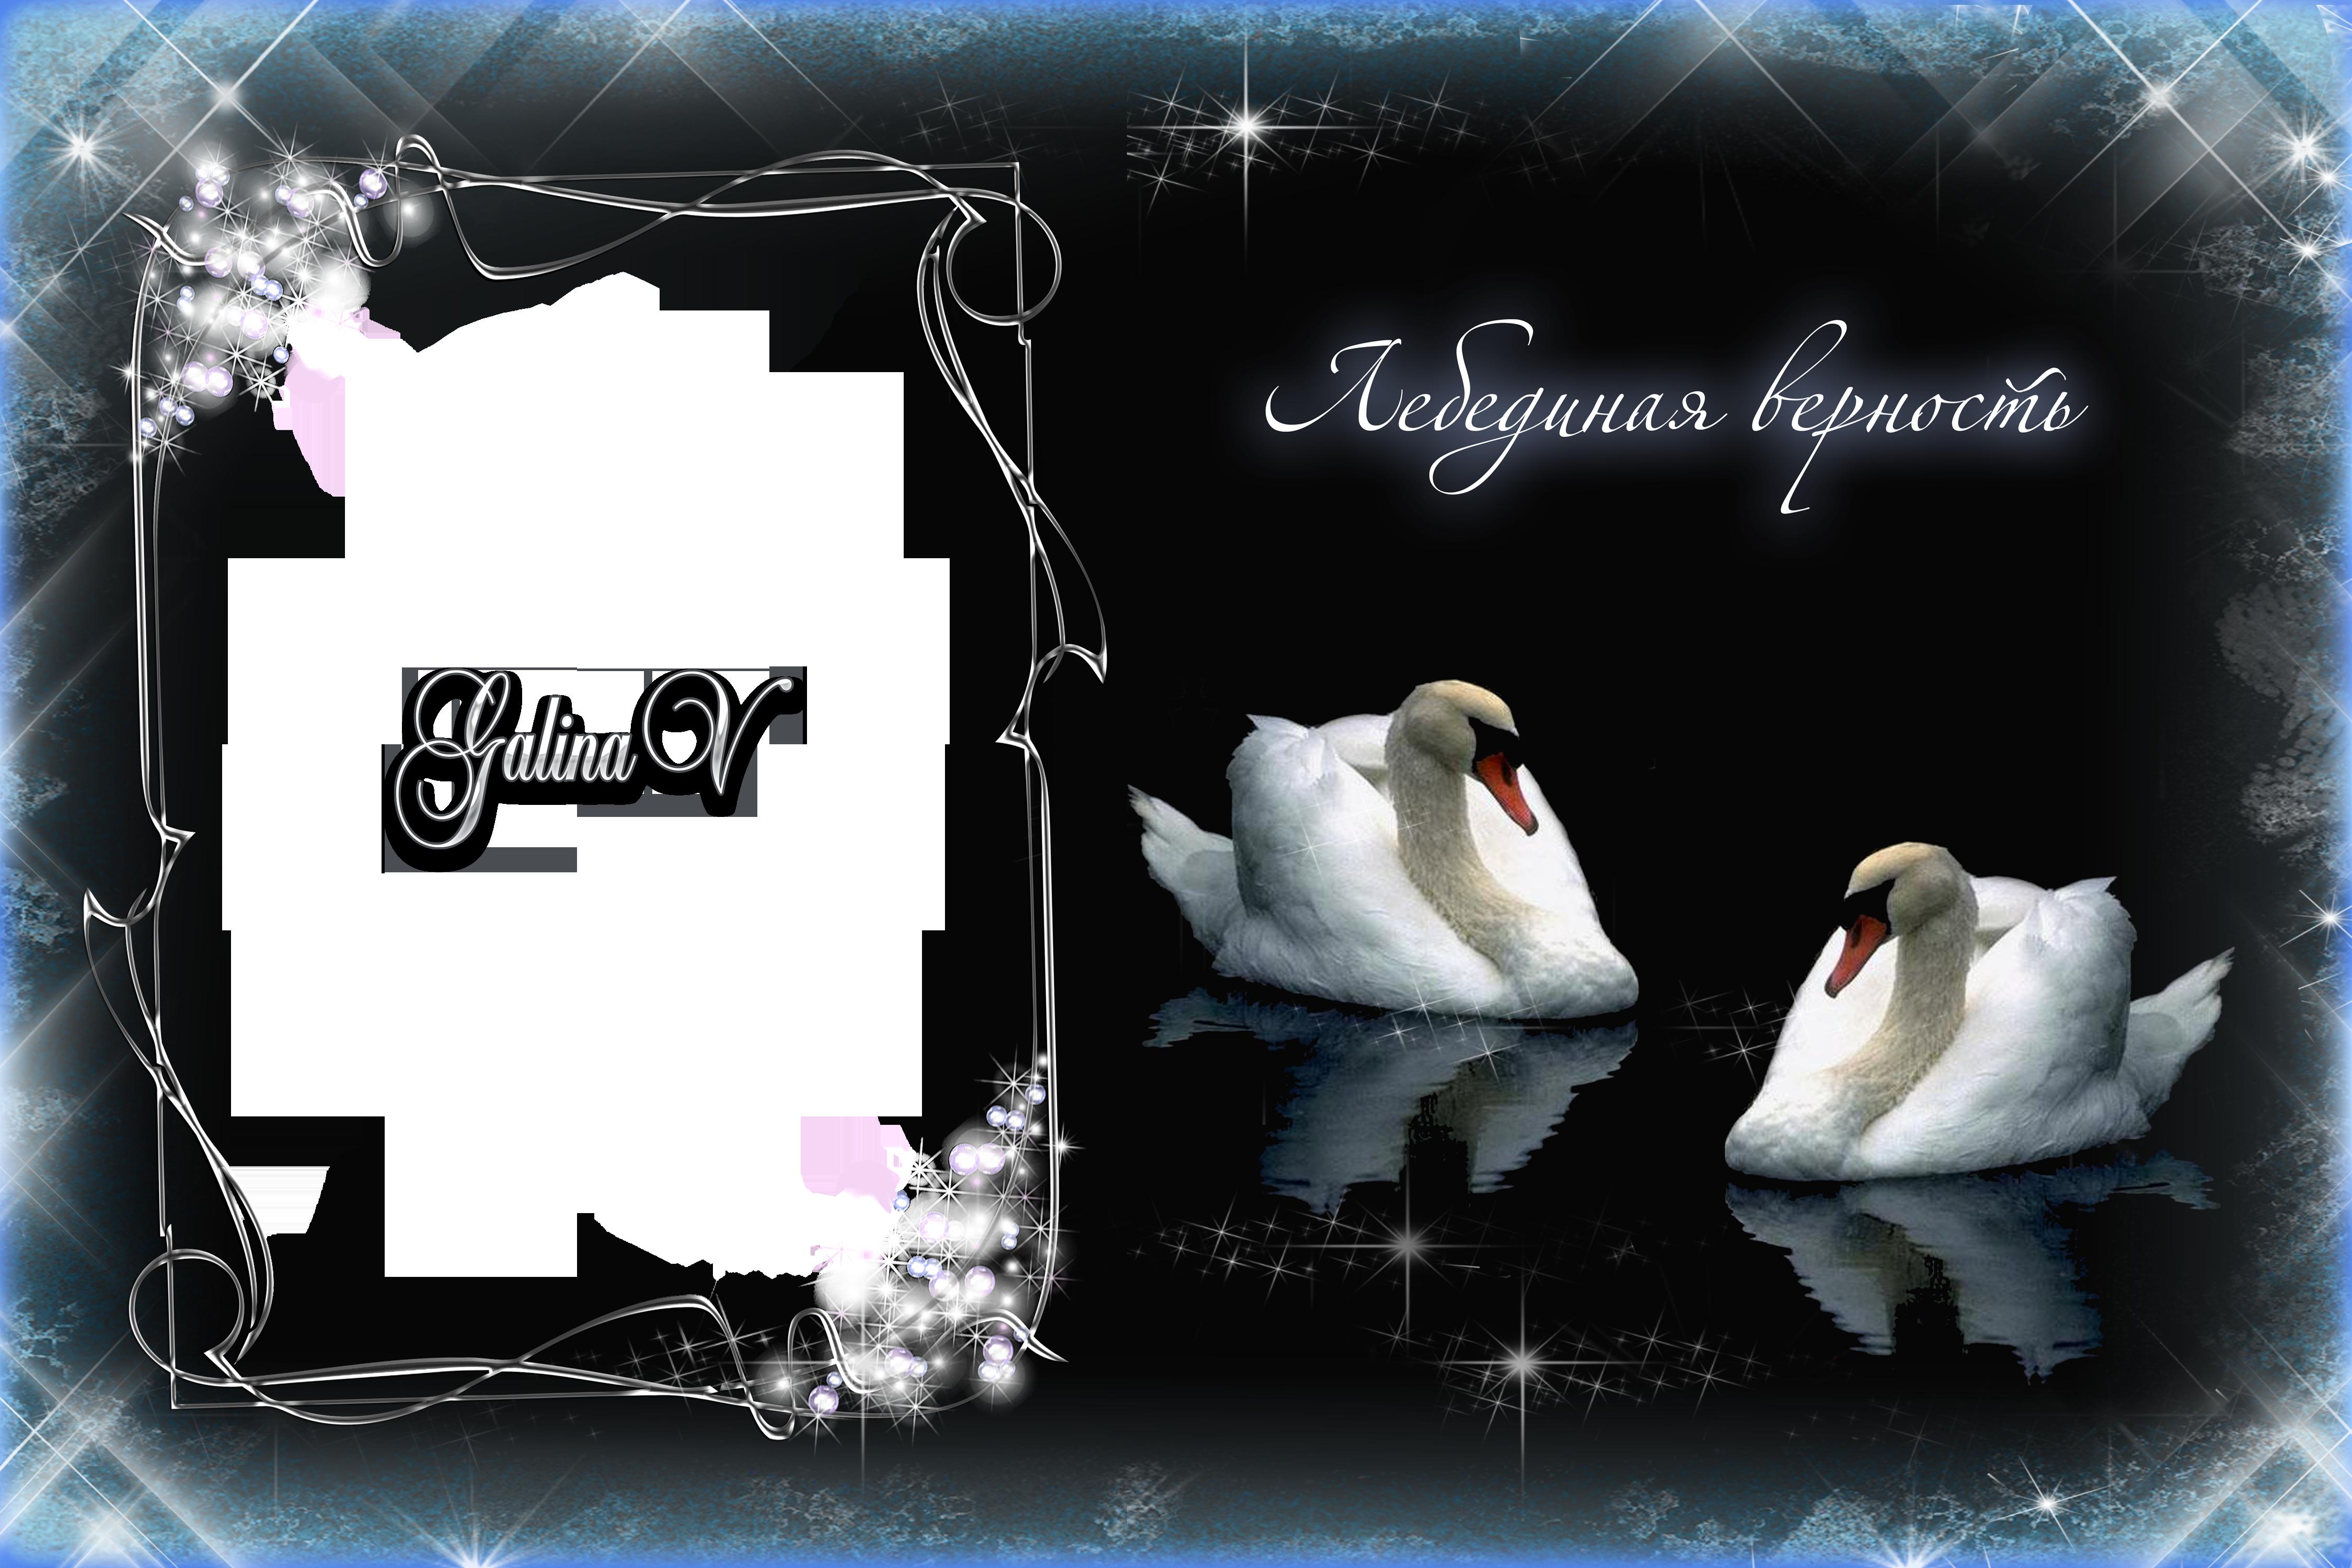 http://img-fotki.yandex.ru/get/4520/41771327.1ee/0_662e3_87be28d5_orig.png